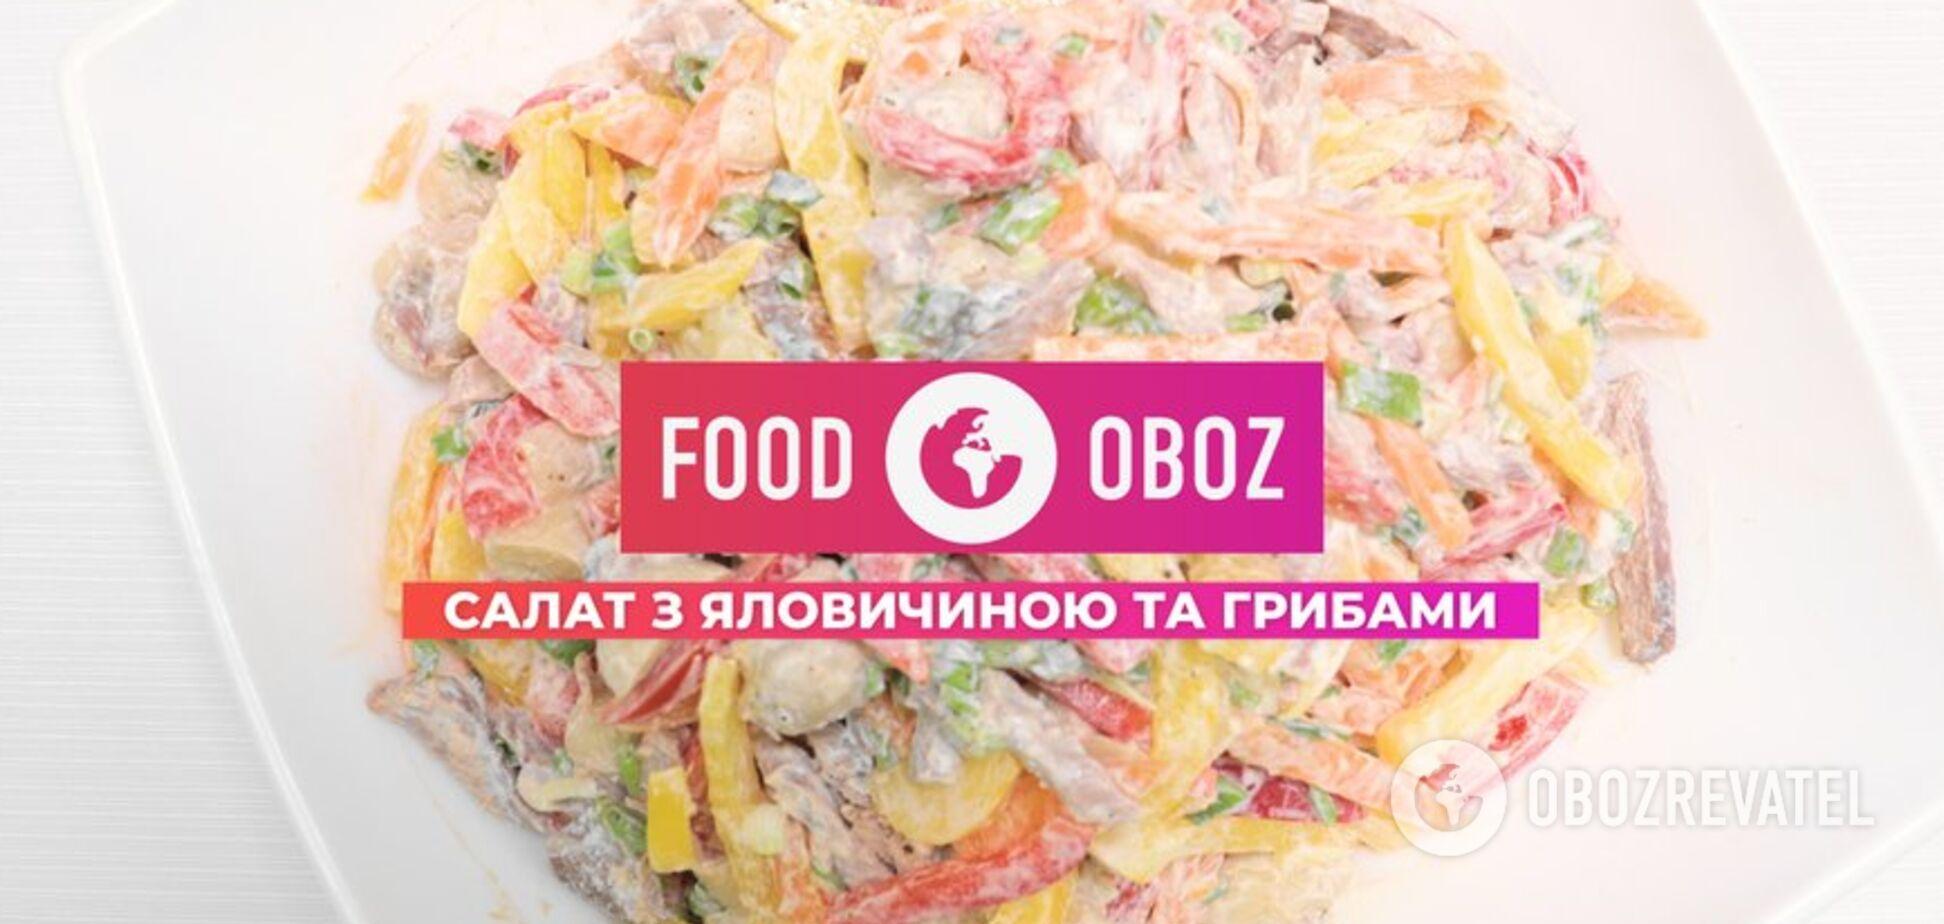 FOODOBOZ | Салат с говядиной и грибами